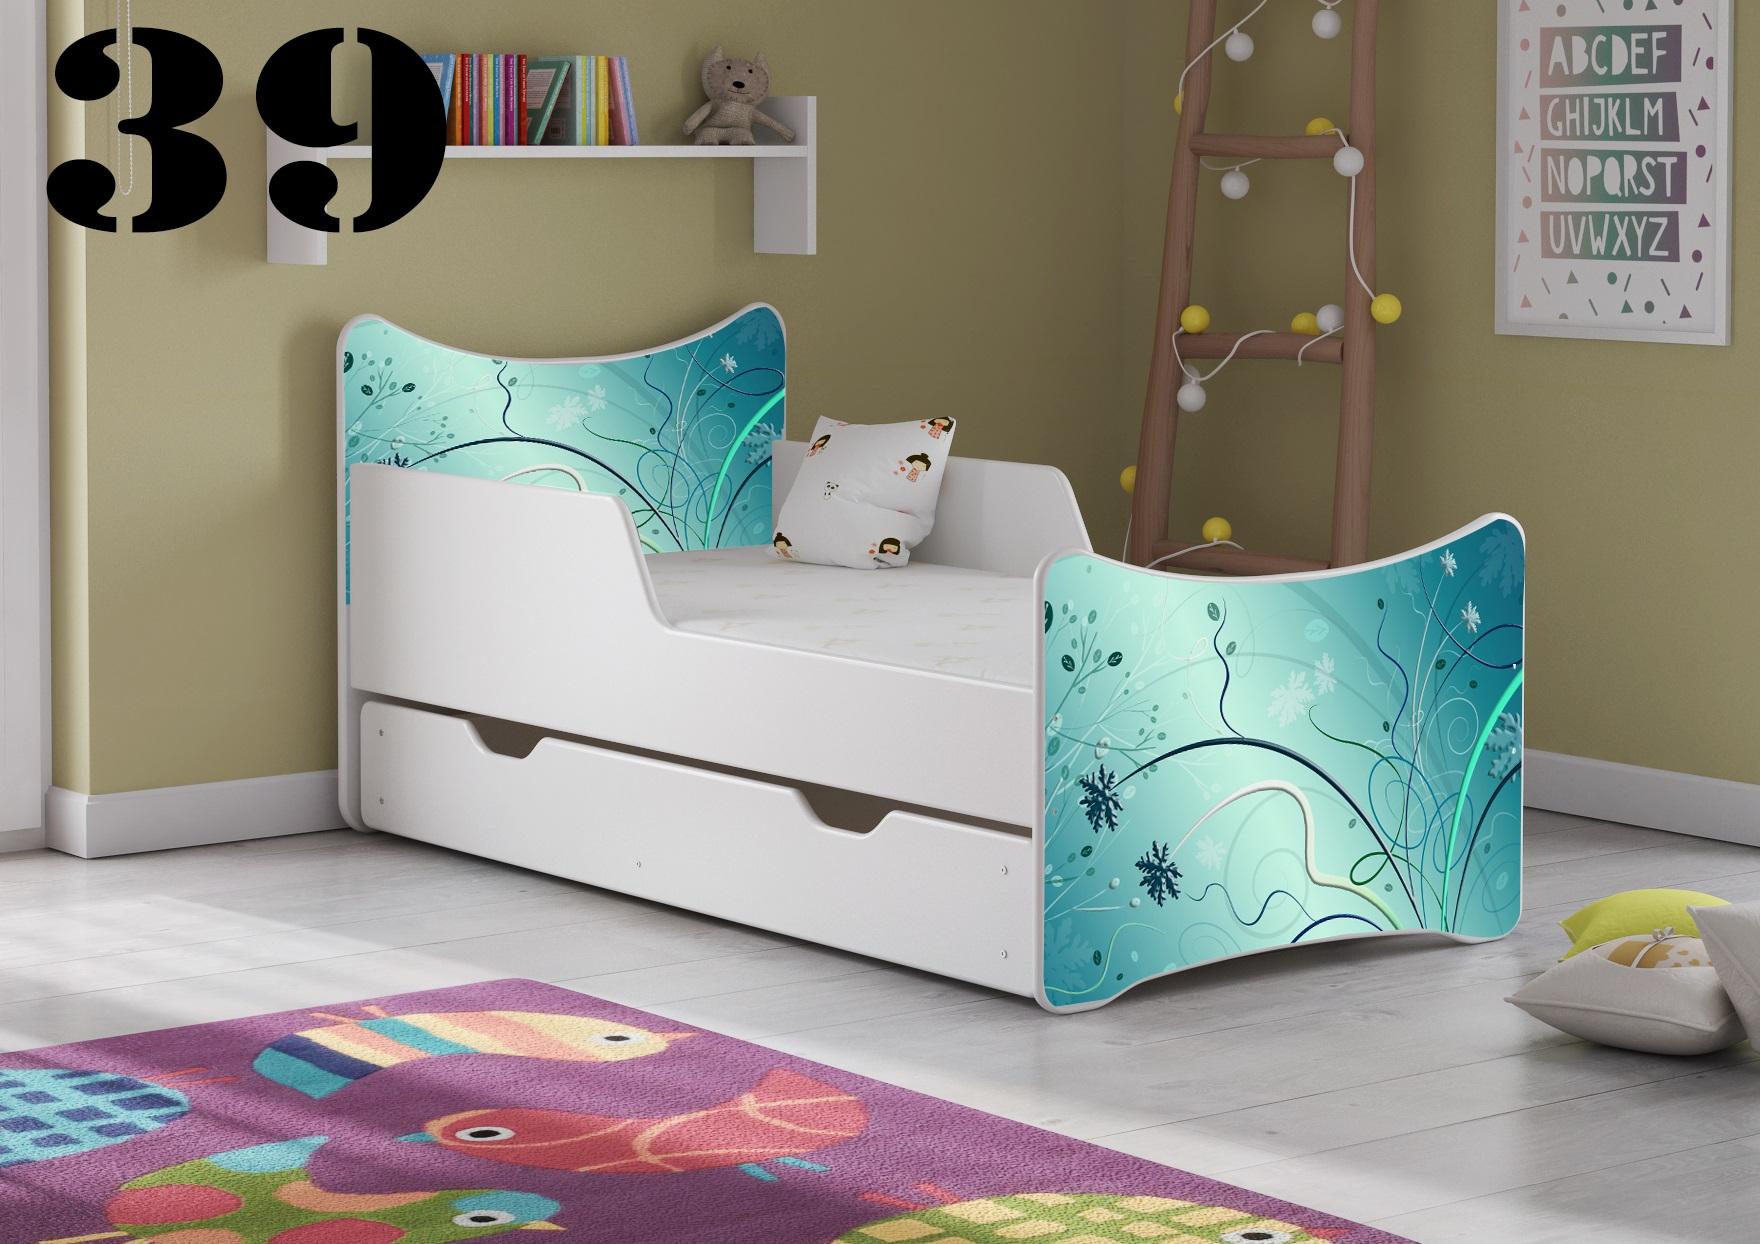 Detská posteľ SMB Pes a mačka 16 Prevedenie: Obrázok č.39